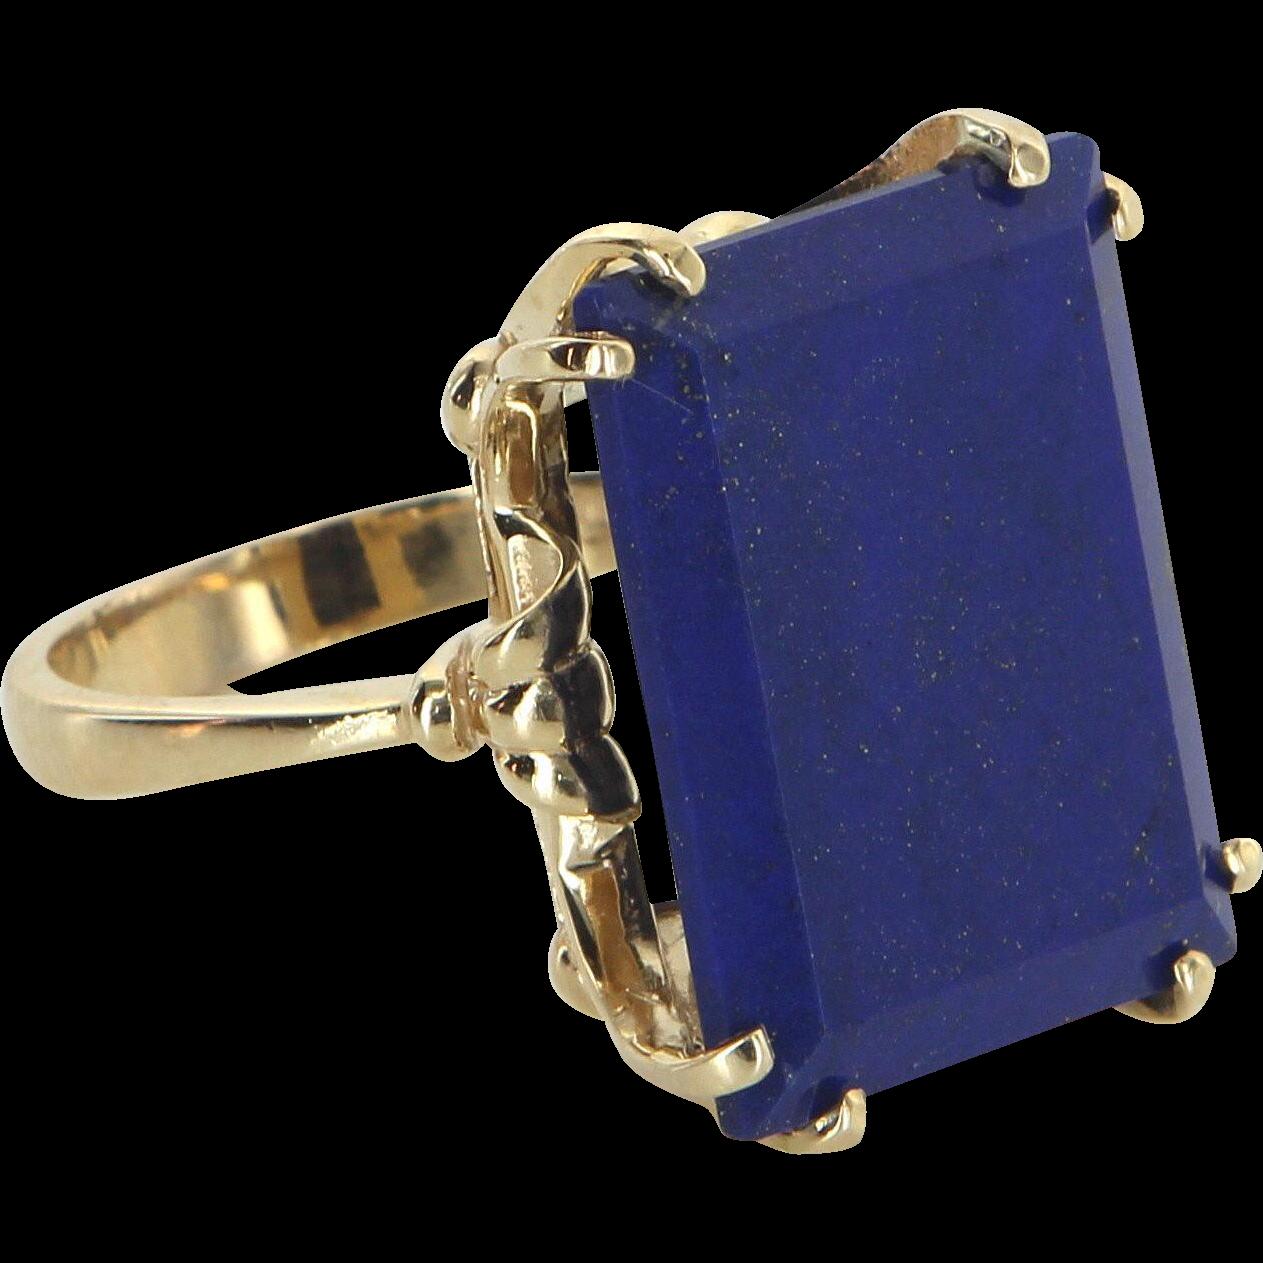 Large Lapis Lazuli Cocktail Ring Vintage 14 Karat Yellow Gold Estate Fine Jewelry